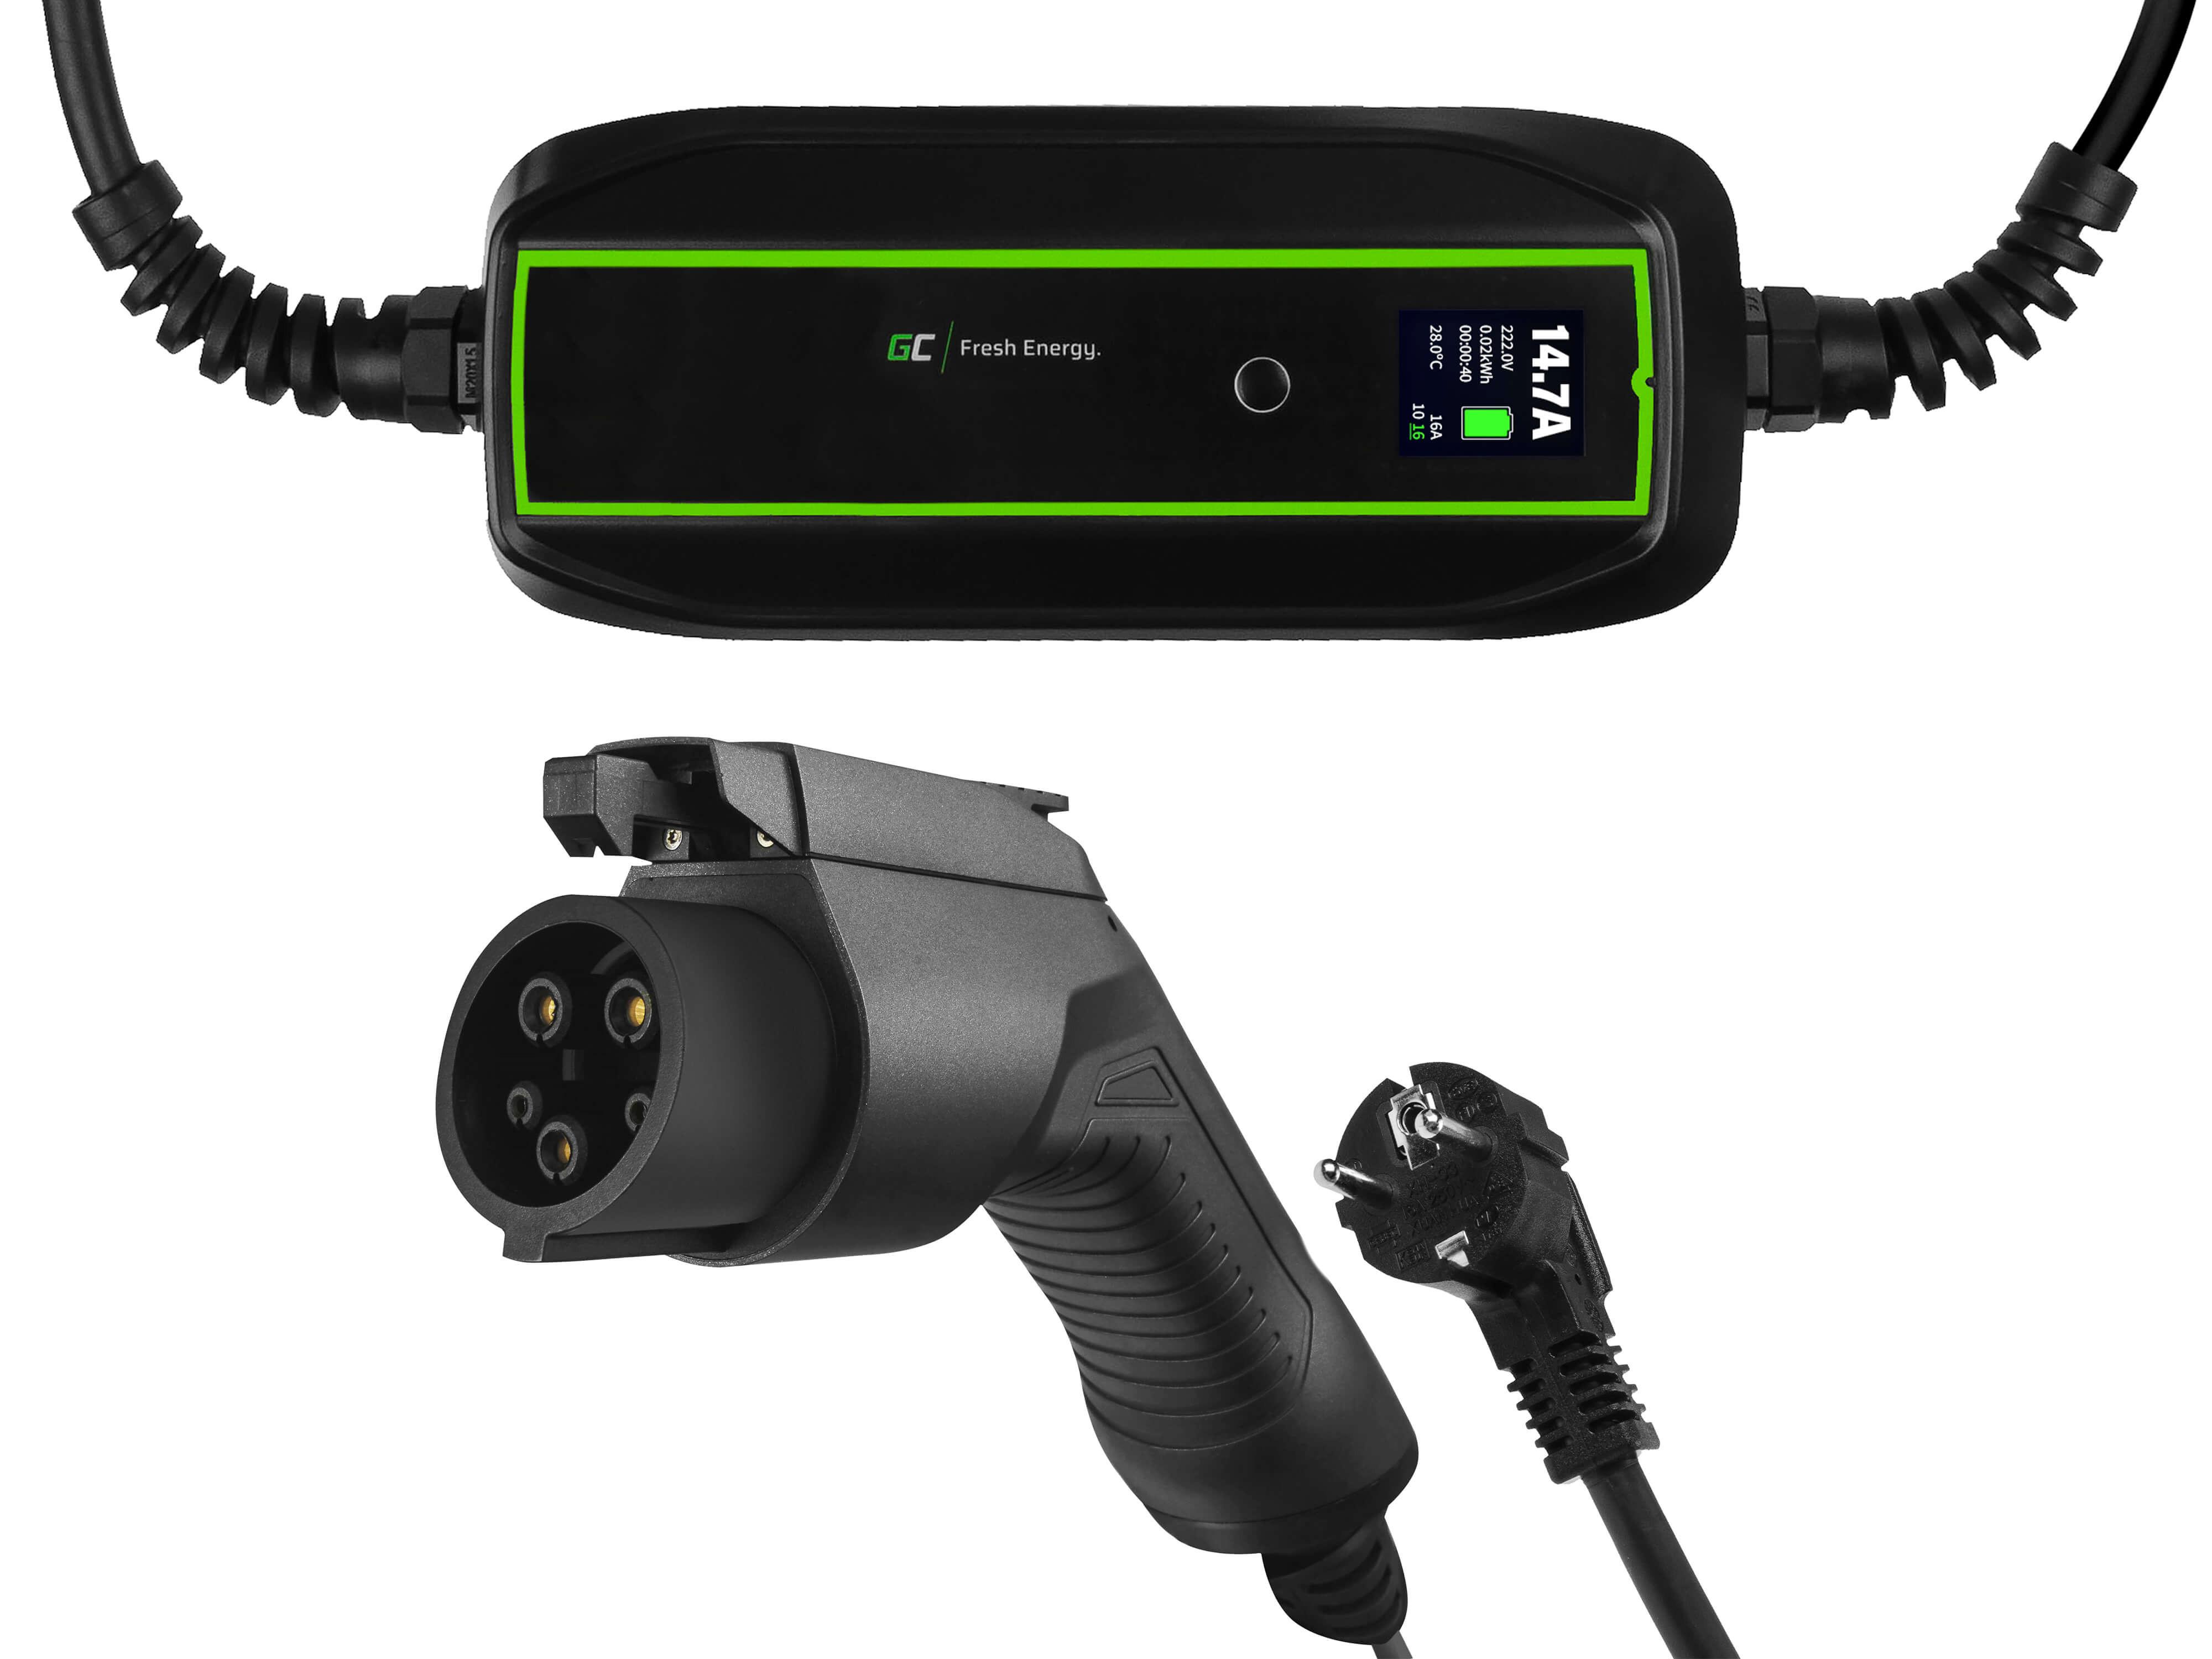 GC EV PowerCable 3.6kW Schuko - Typ 1 mobil laddare för laddning av elbilar och Plug-In hybrider